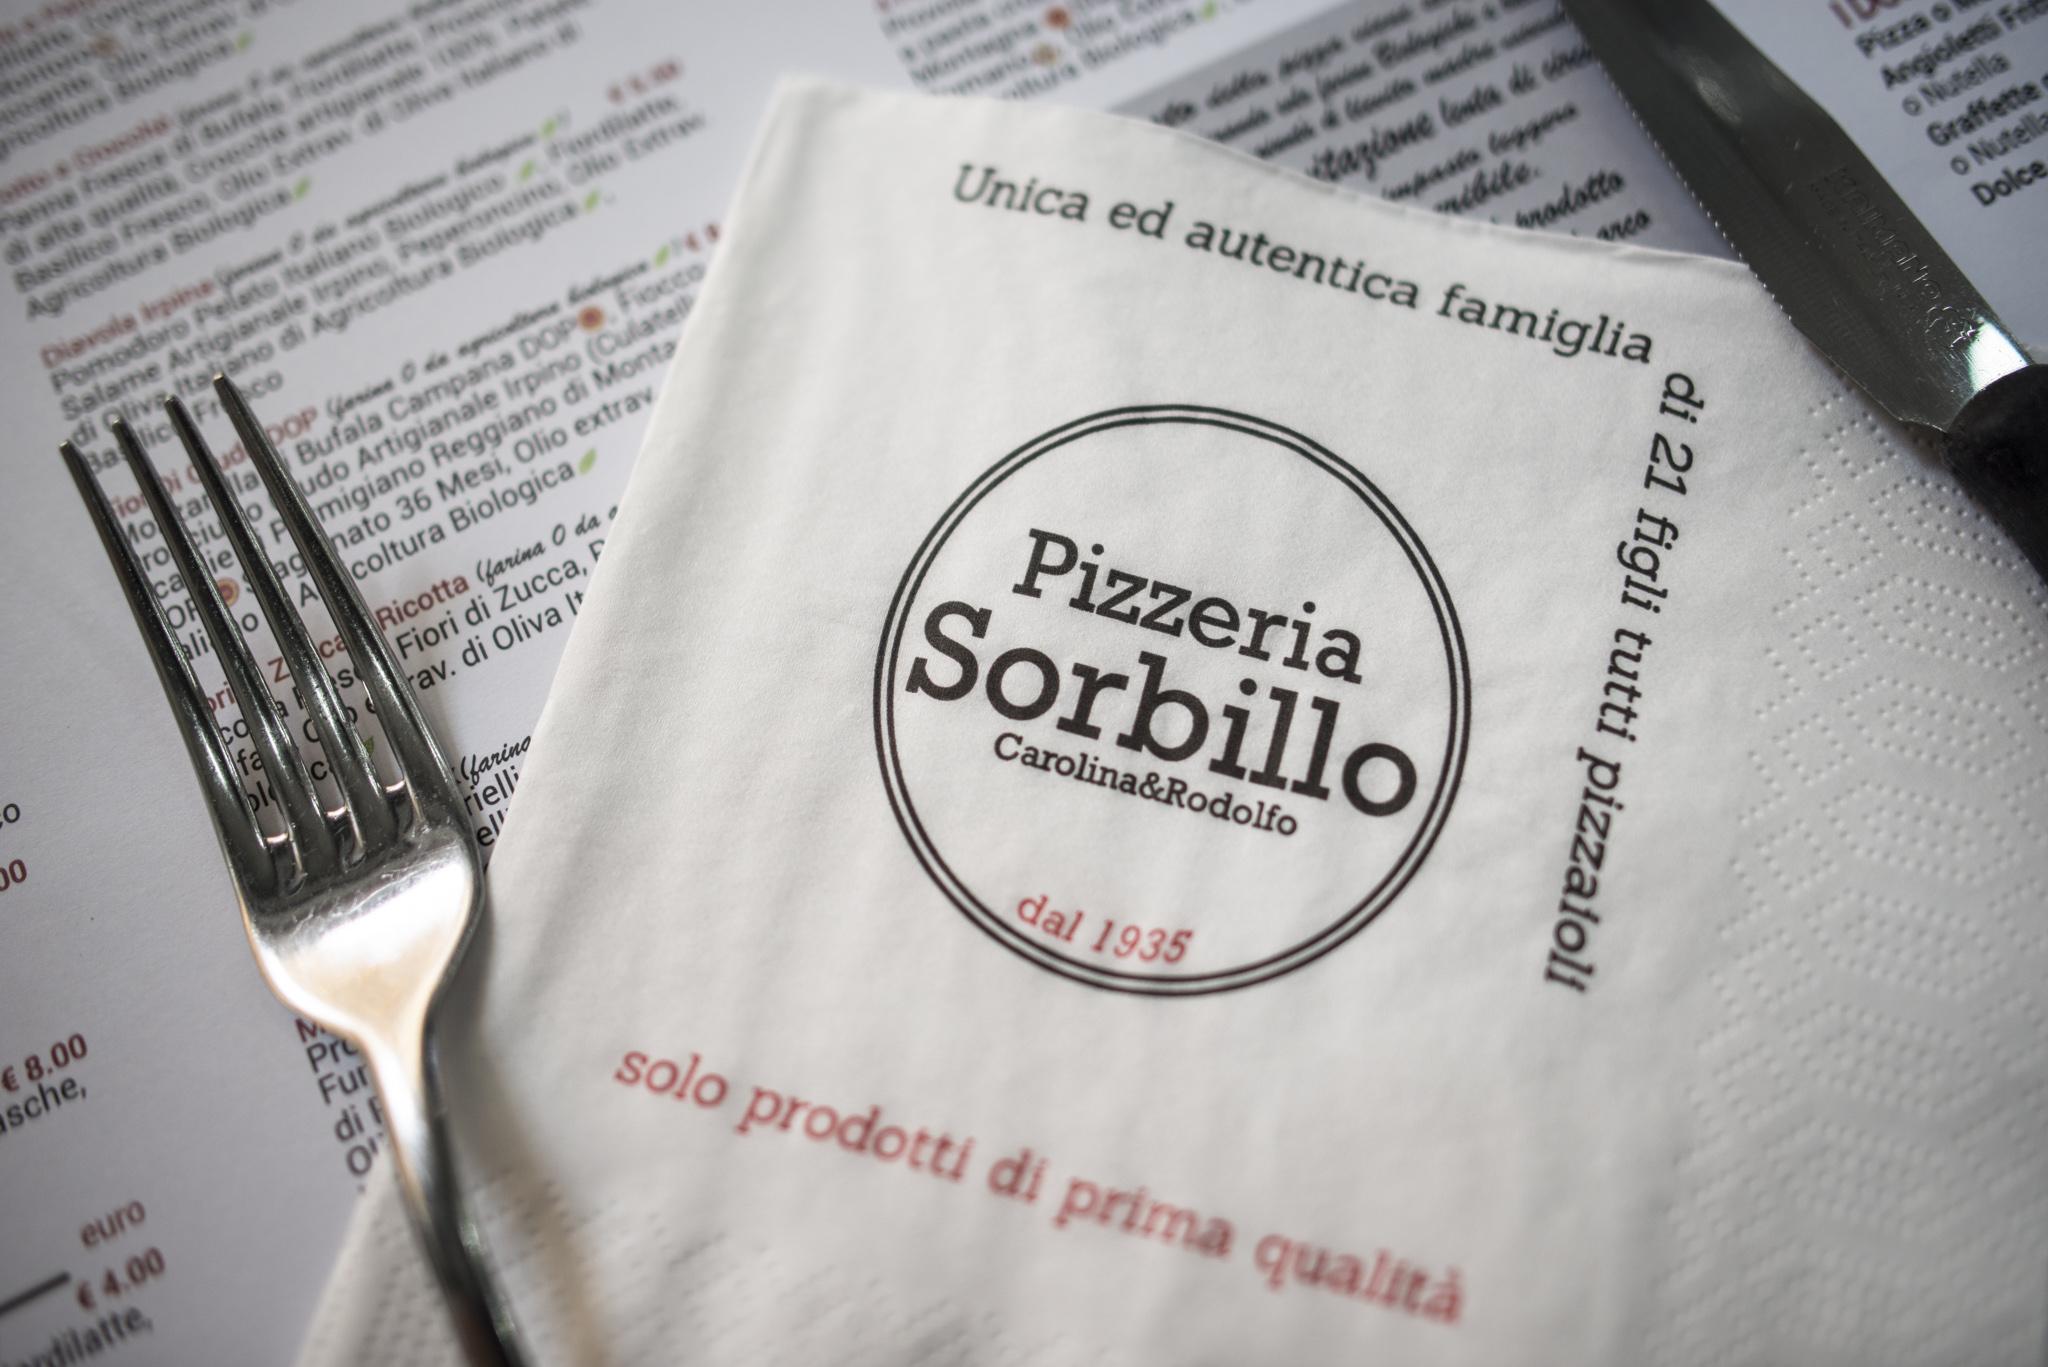 Rodolfo Sorbillo e la sua pizza napoletana a Salerno.